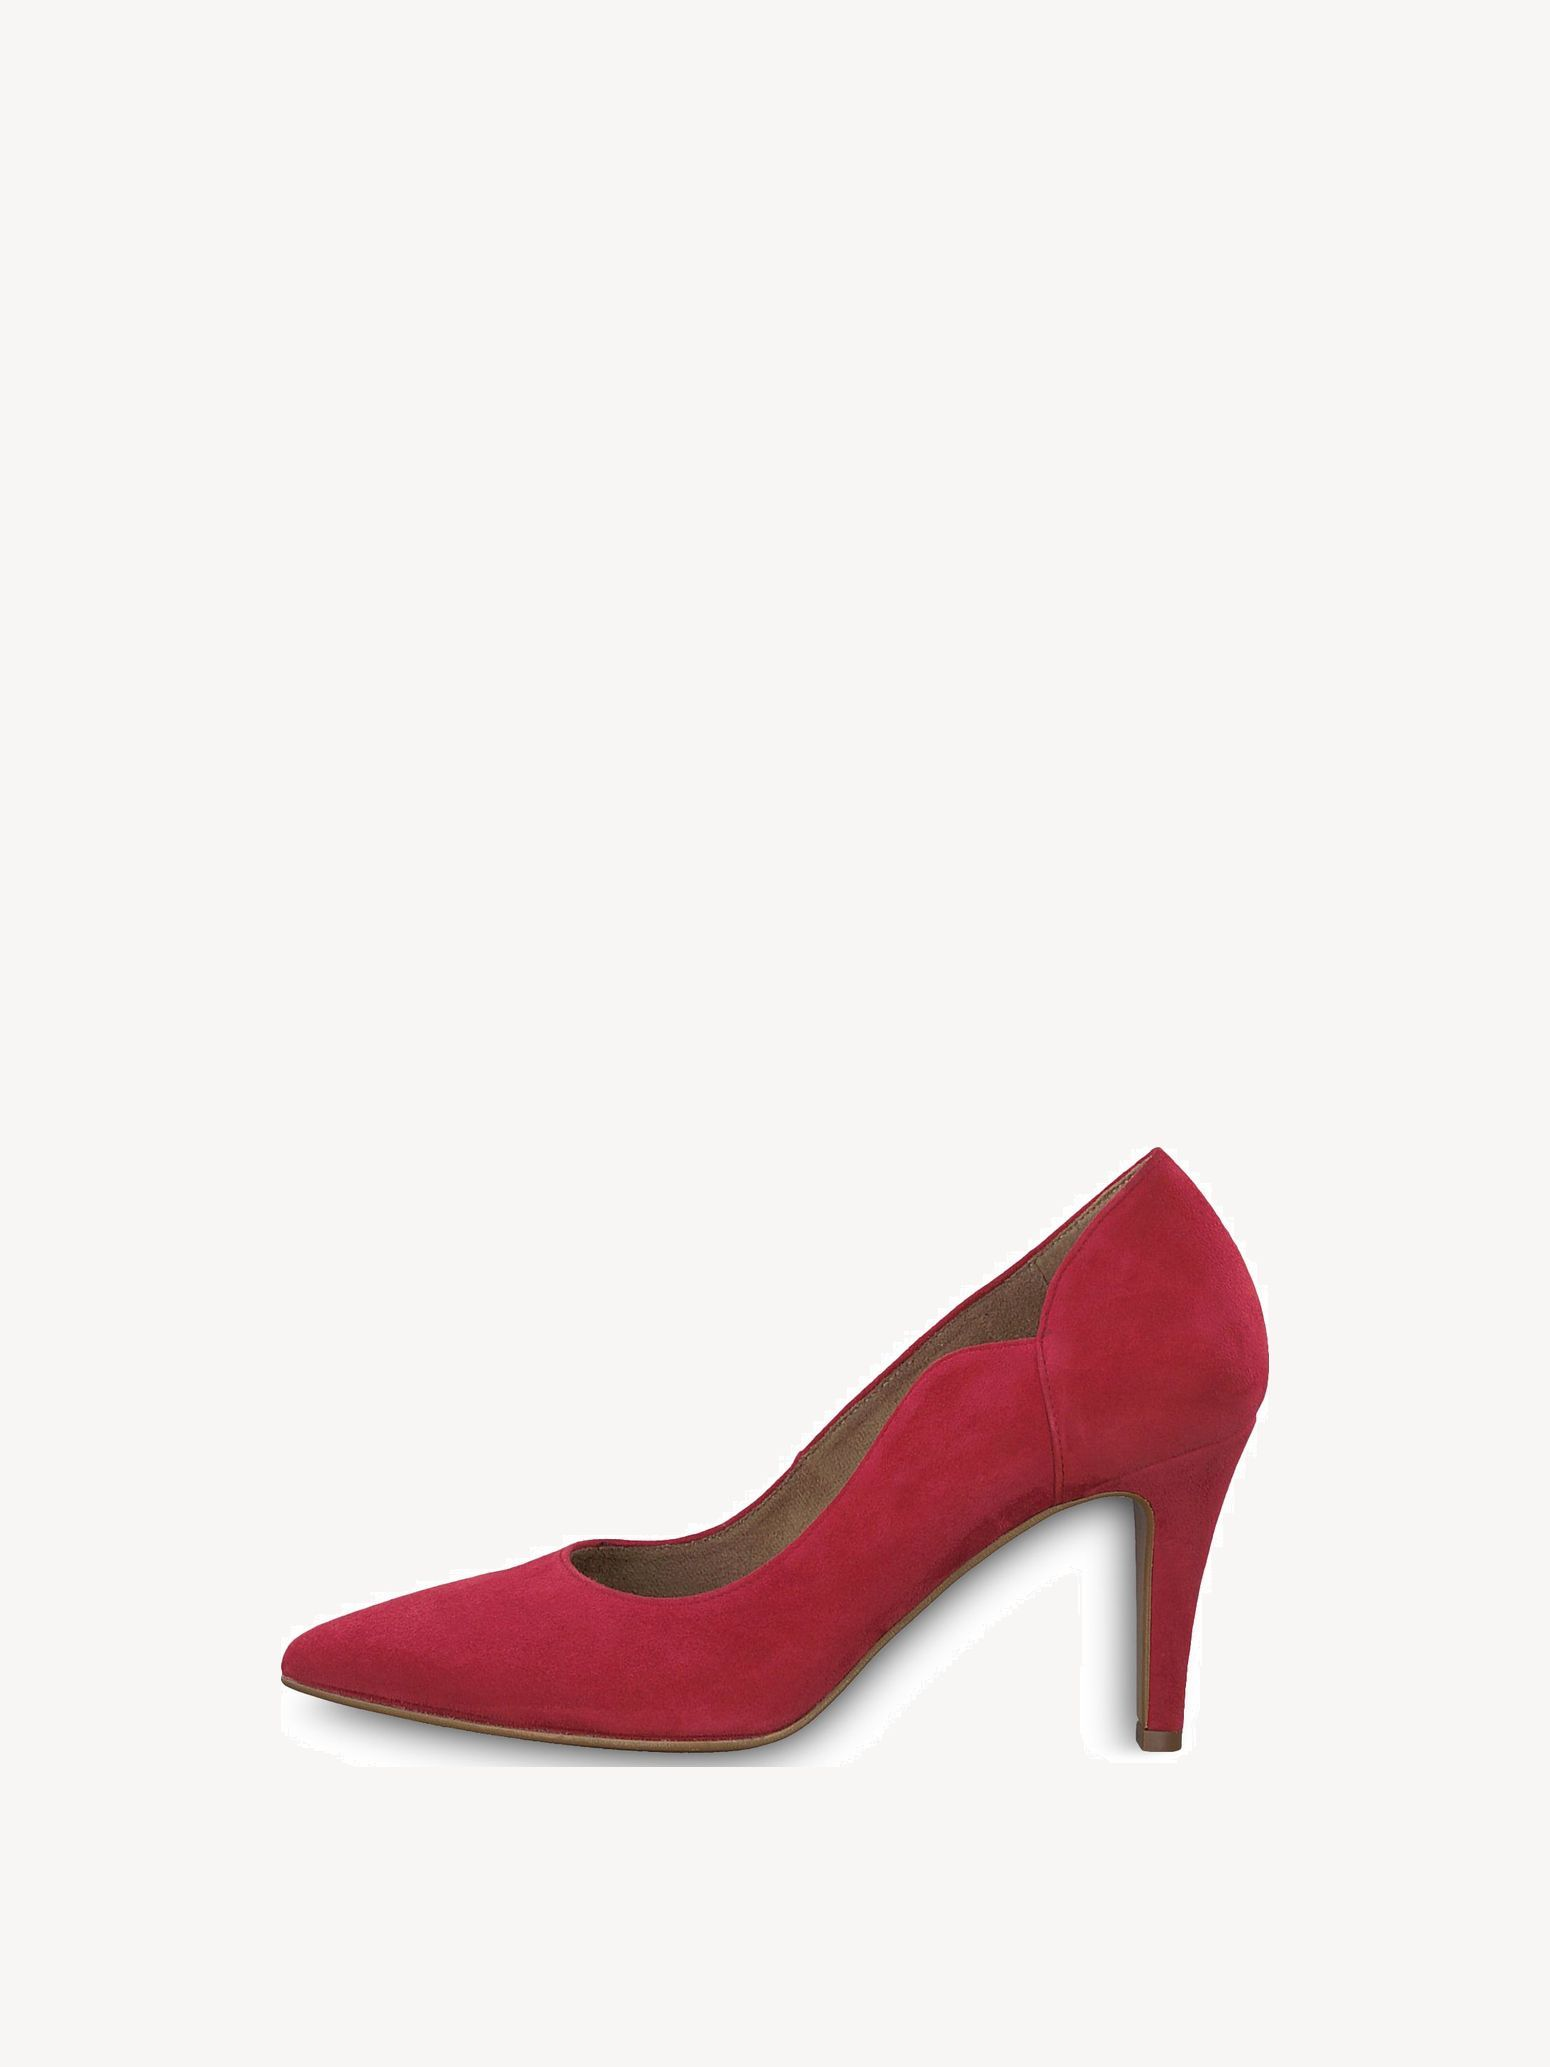 Verwonderend Pumps 1-1-22472-20: Tamaris High heels online kopen! ZZ-36